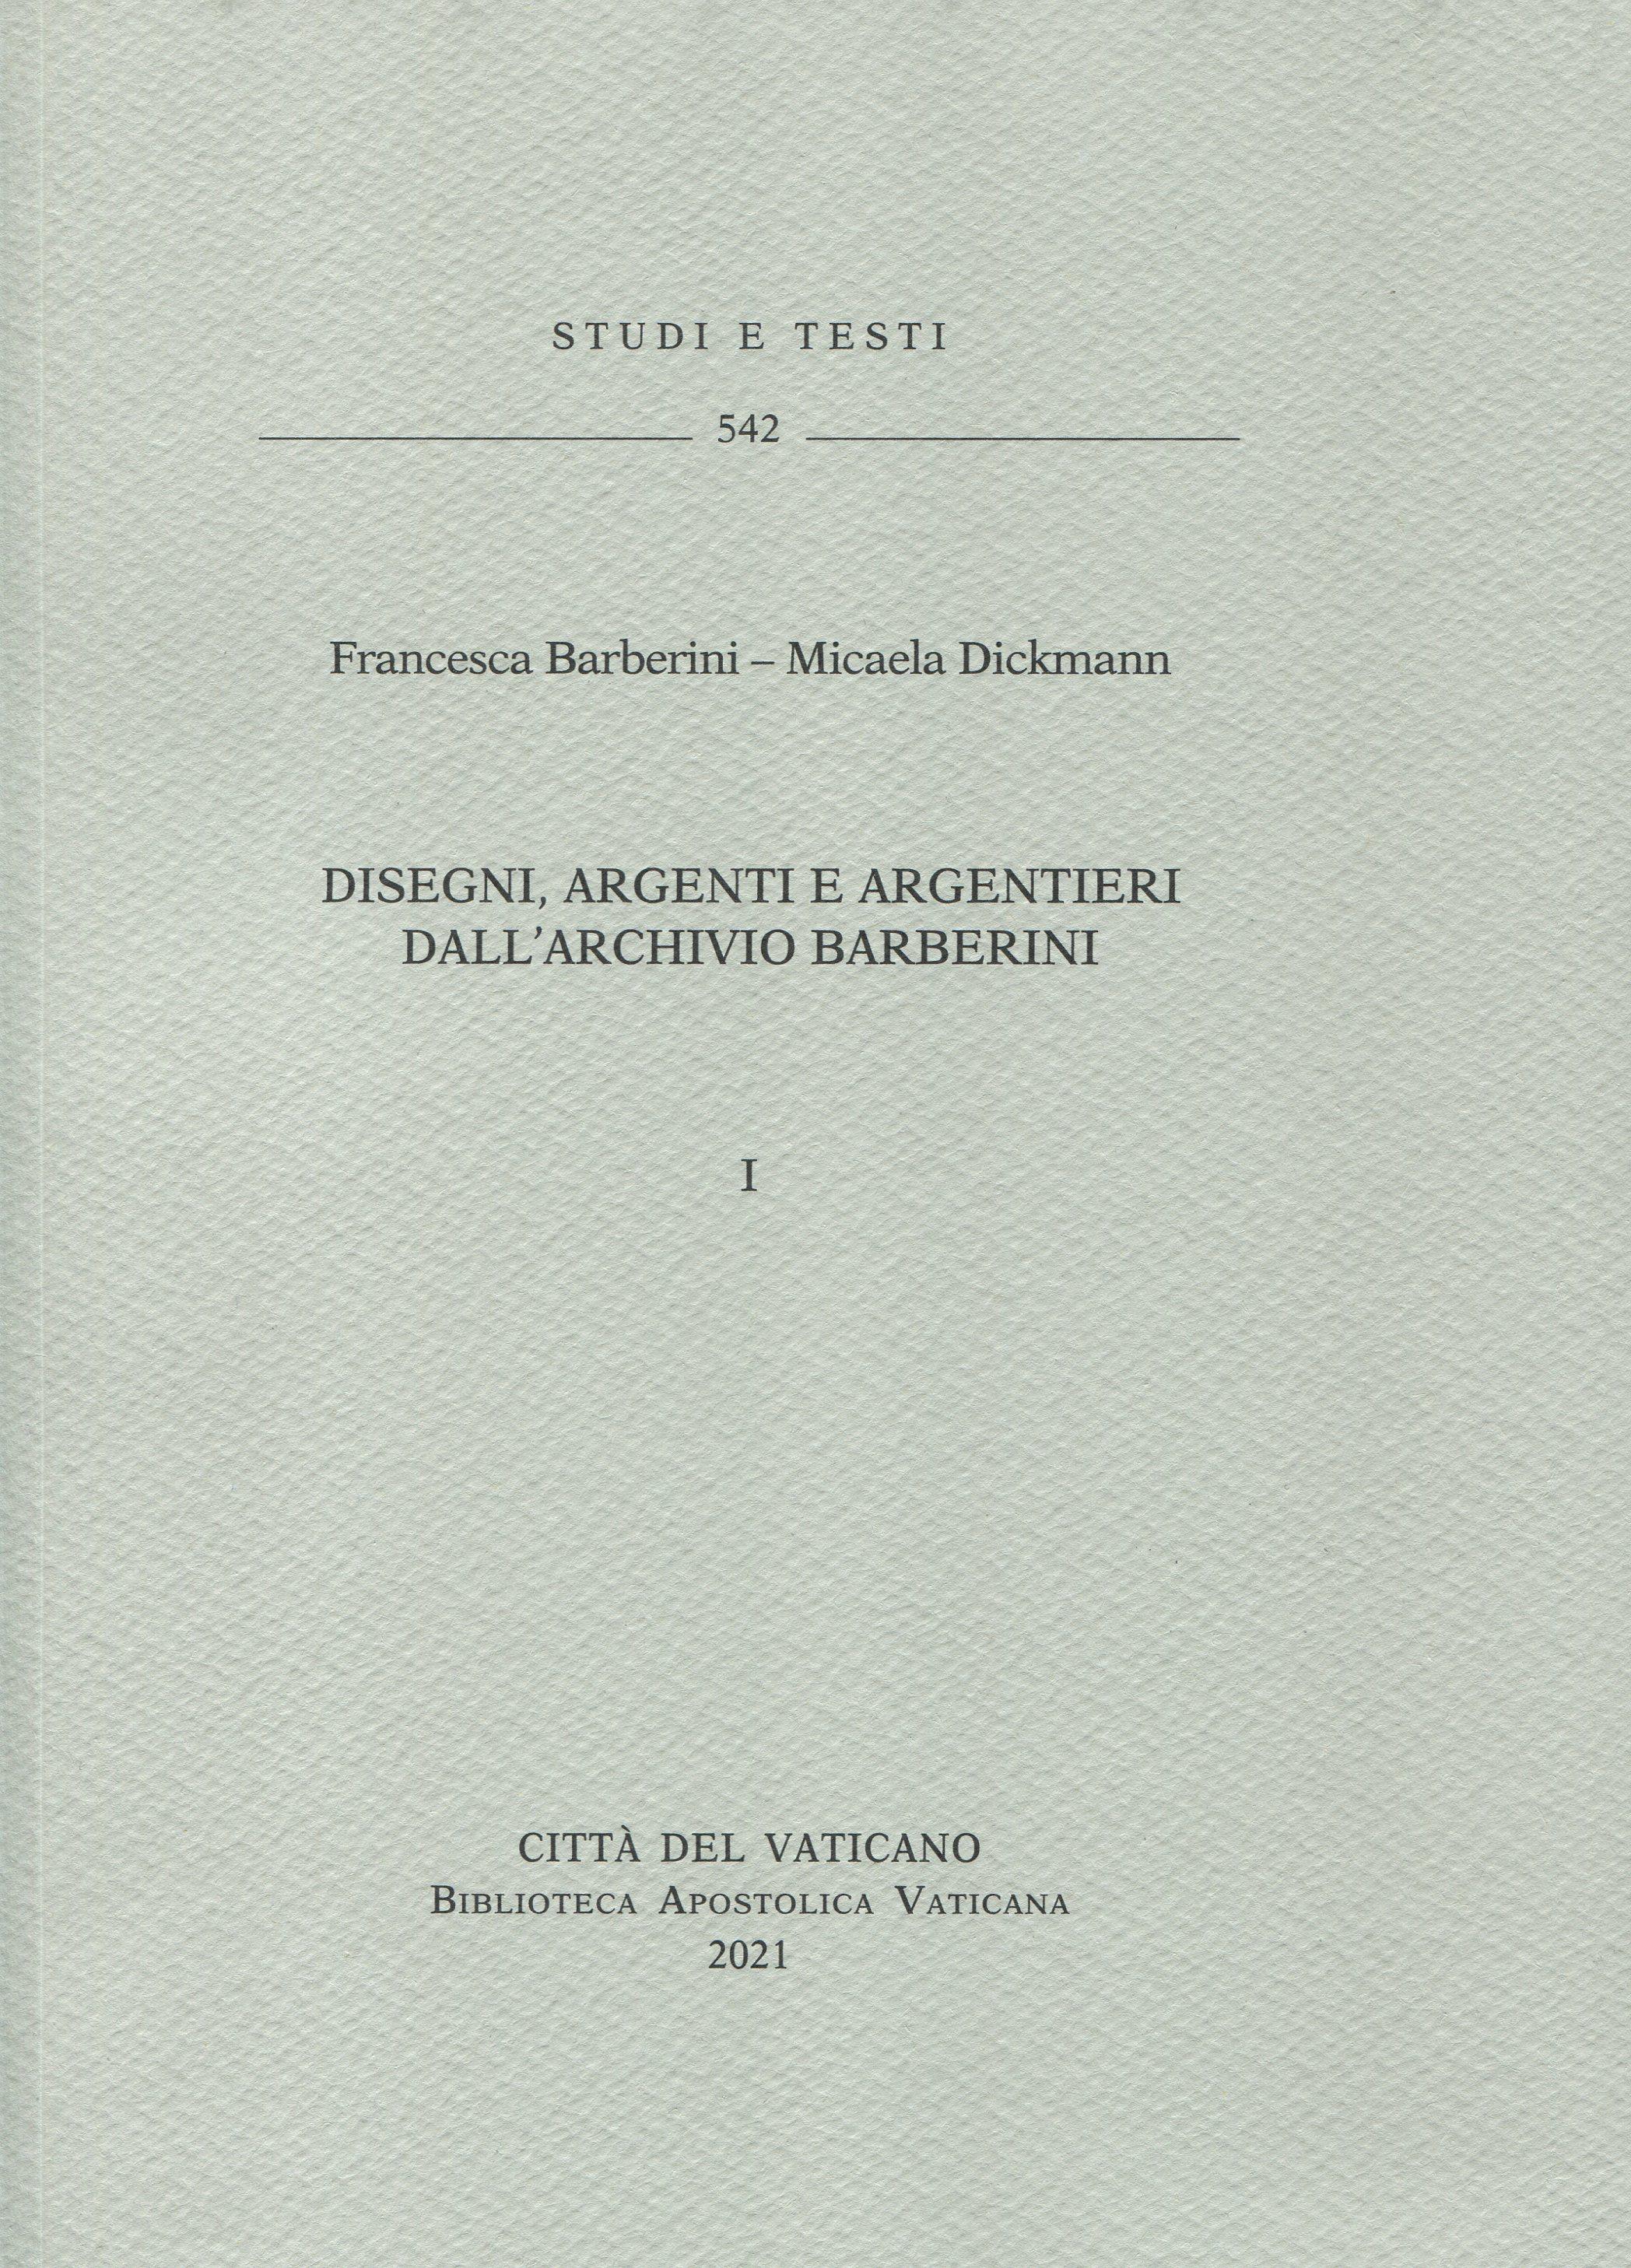 Disegni, argenti e argentieri dall'Archivio Barberini. ‒ Vol. I.